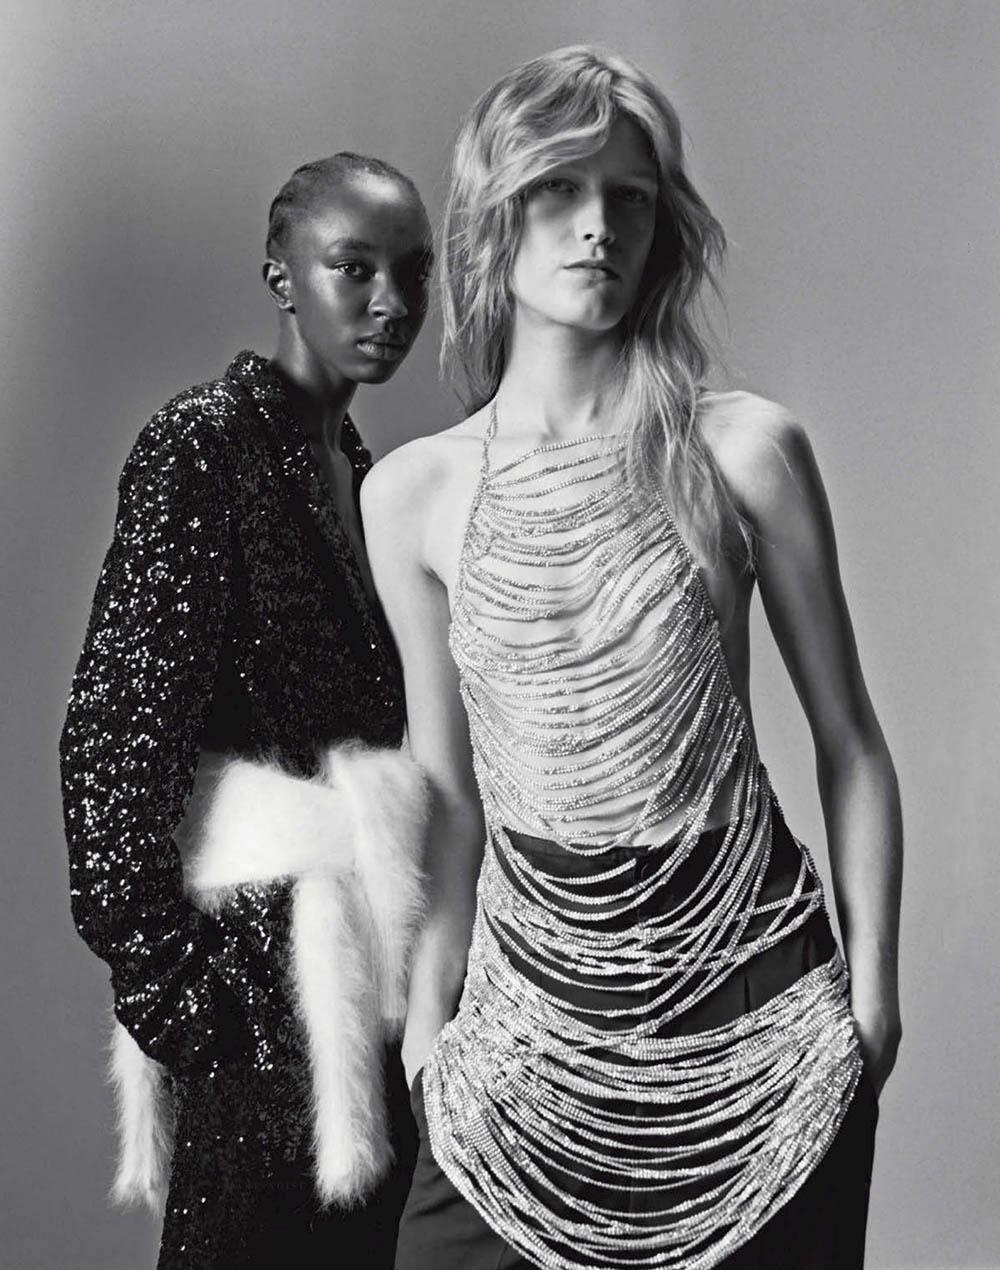 Nicole Atieno and Tessa Bruinsma by Alexandre Guirkinger for Vogue Italia November 2019